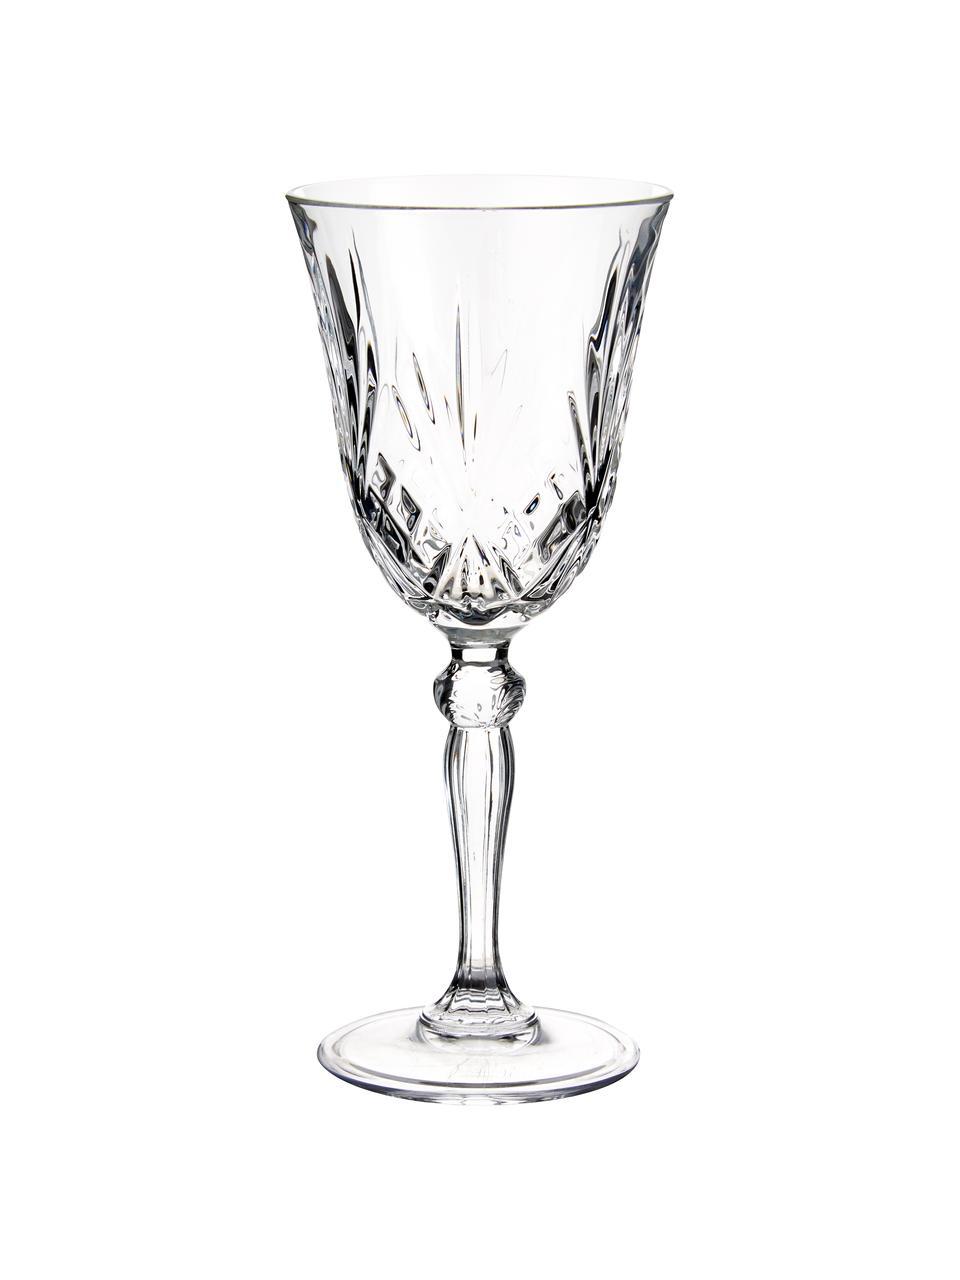 Kristall-Weingläser Melodia mit Relief, 6 Stück, Kristallglas, Transparent, Ø 8 x H 19 cm